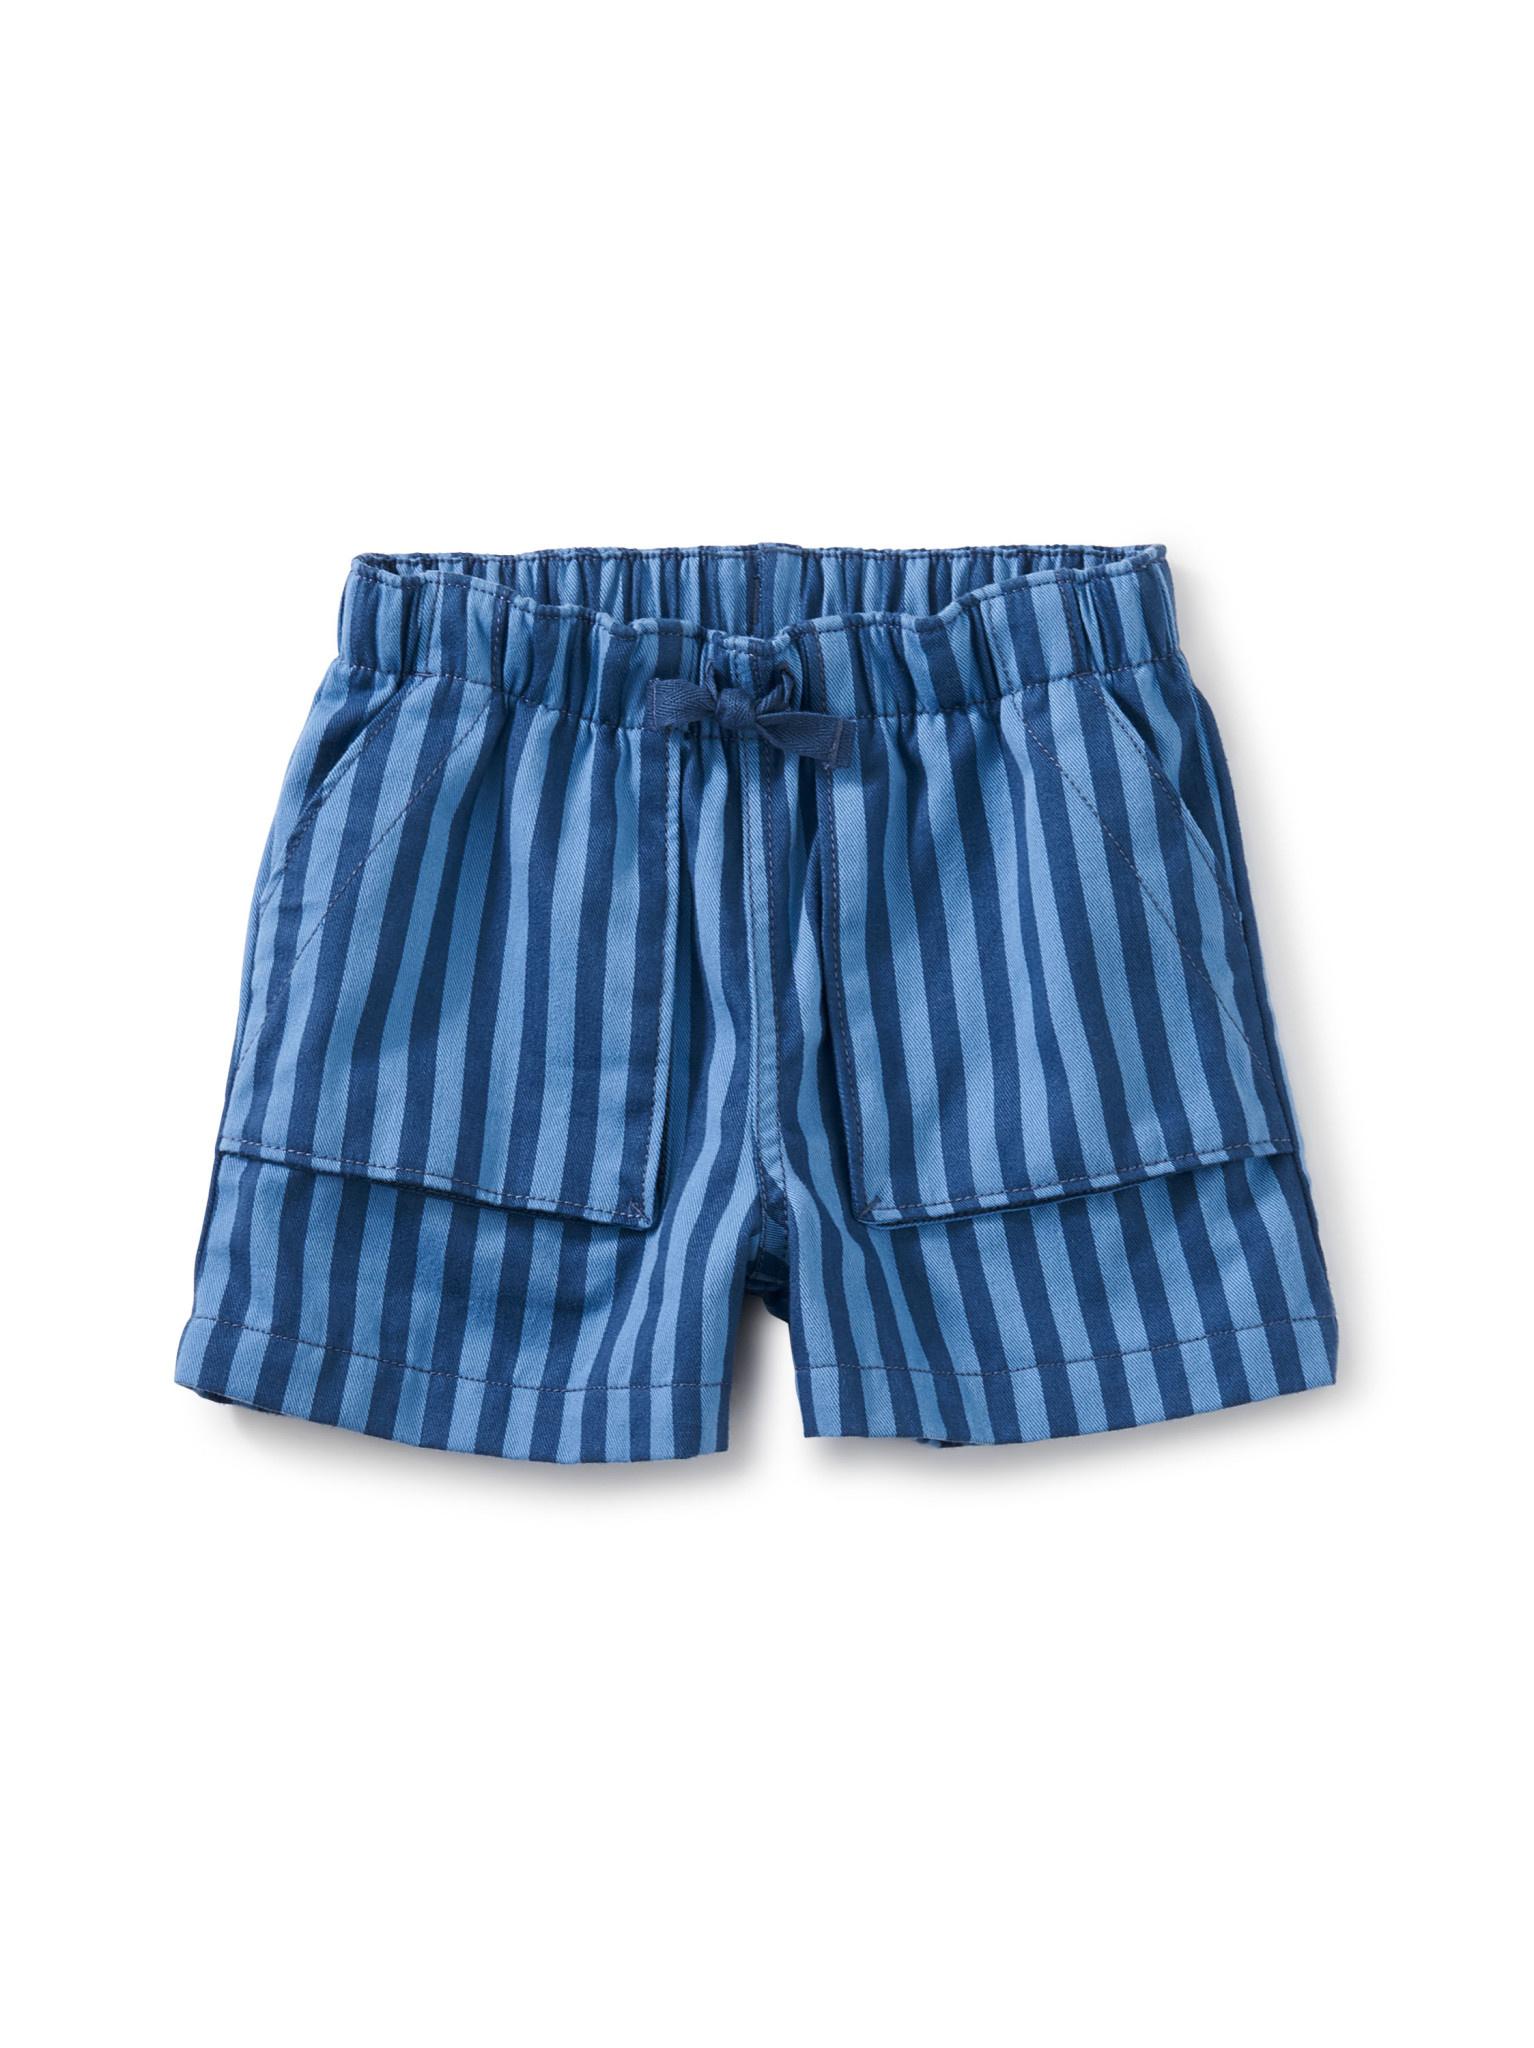 Tea Collection Camp Shorts - Cobalt